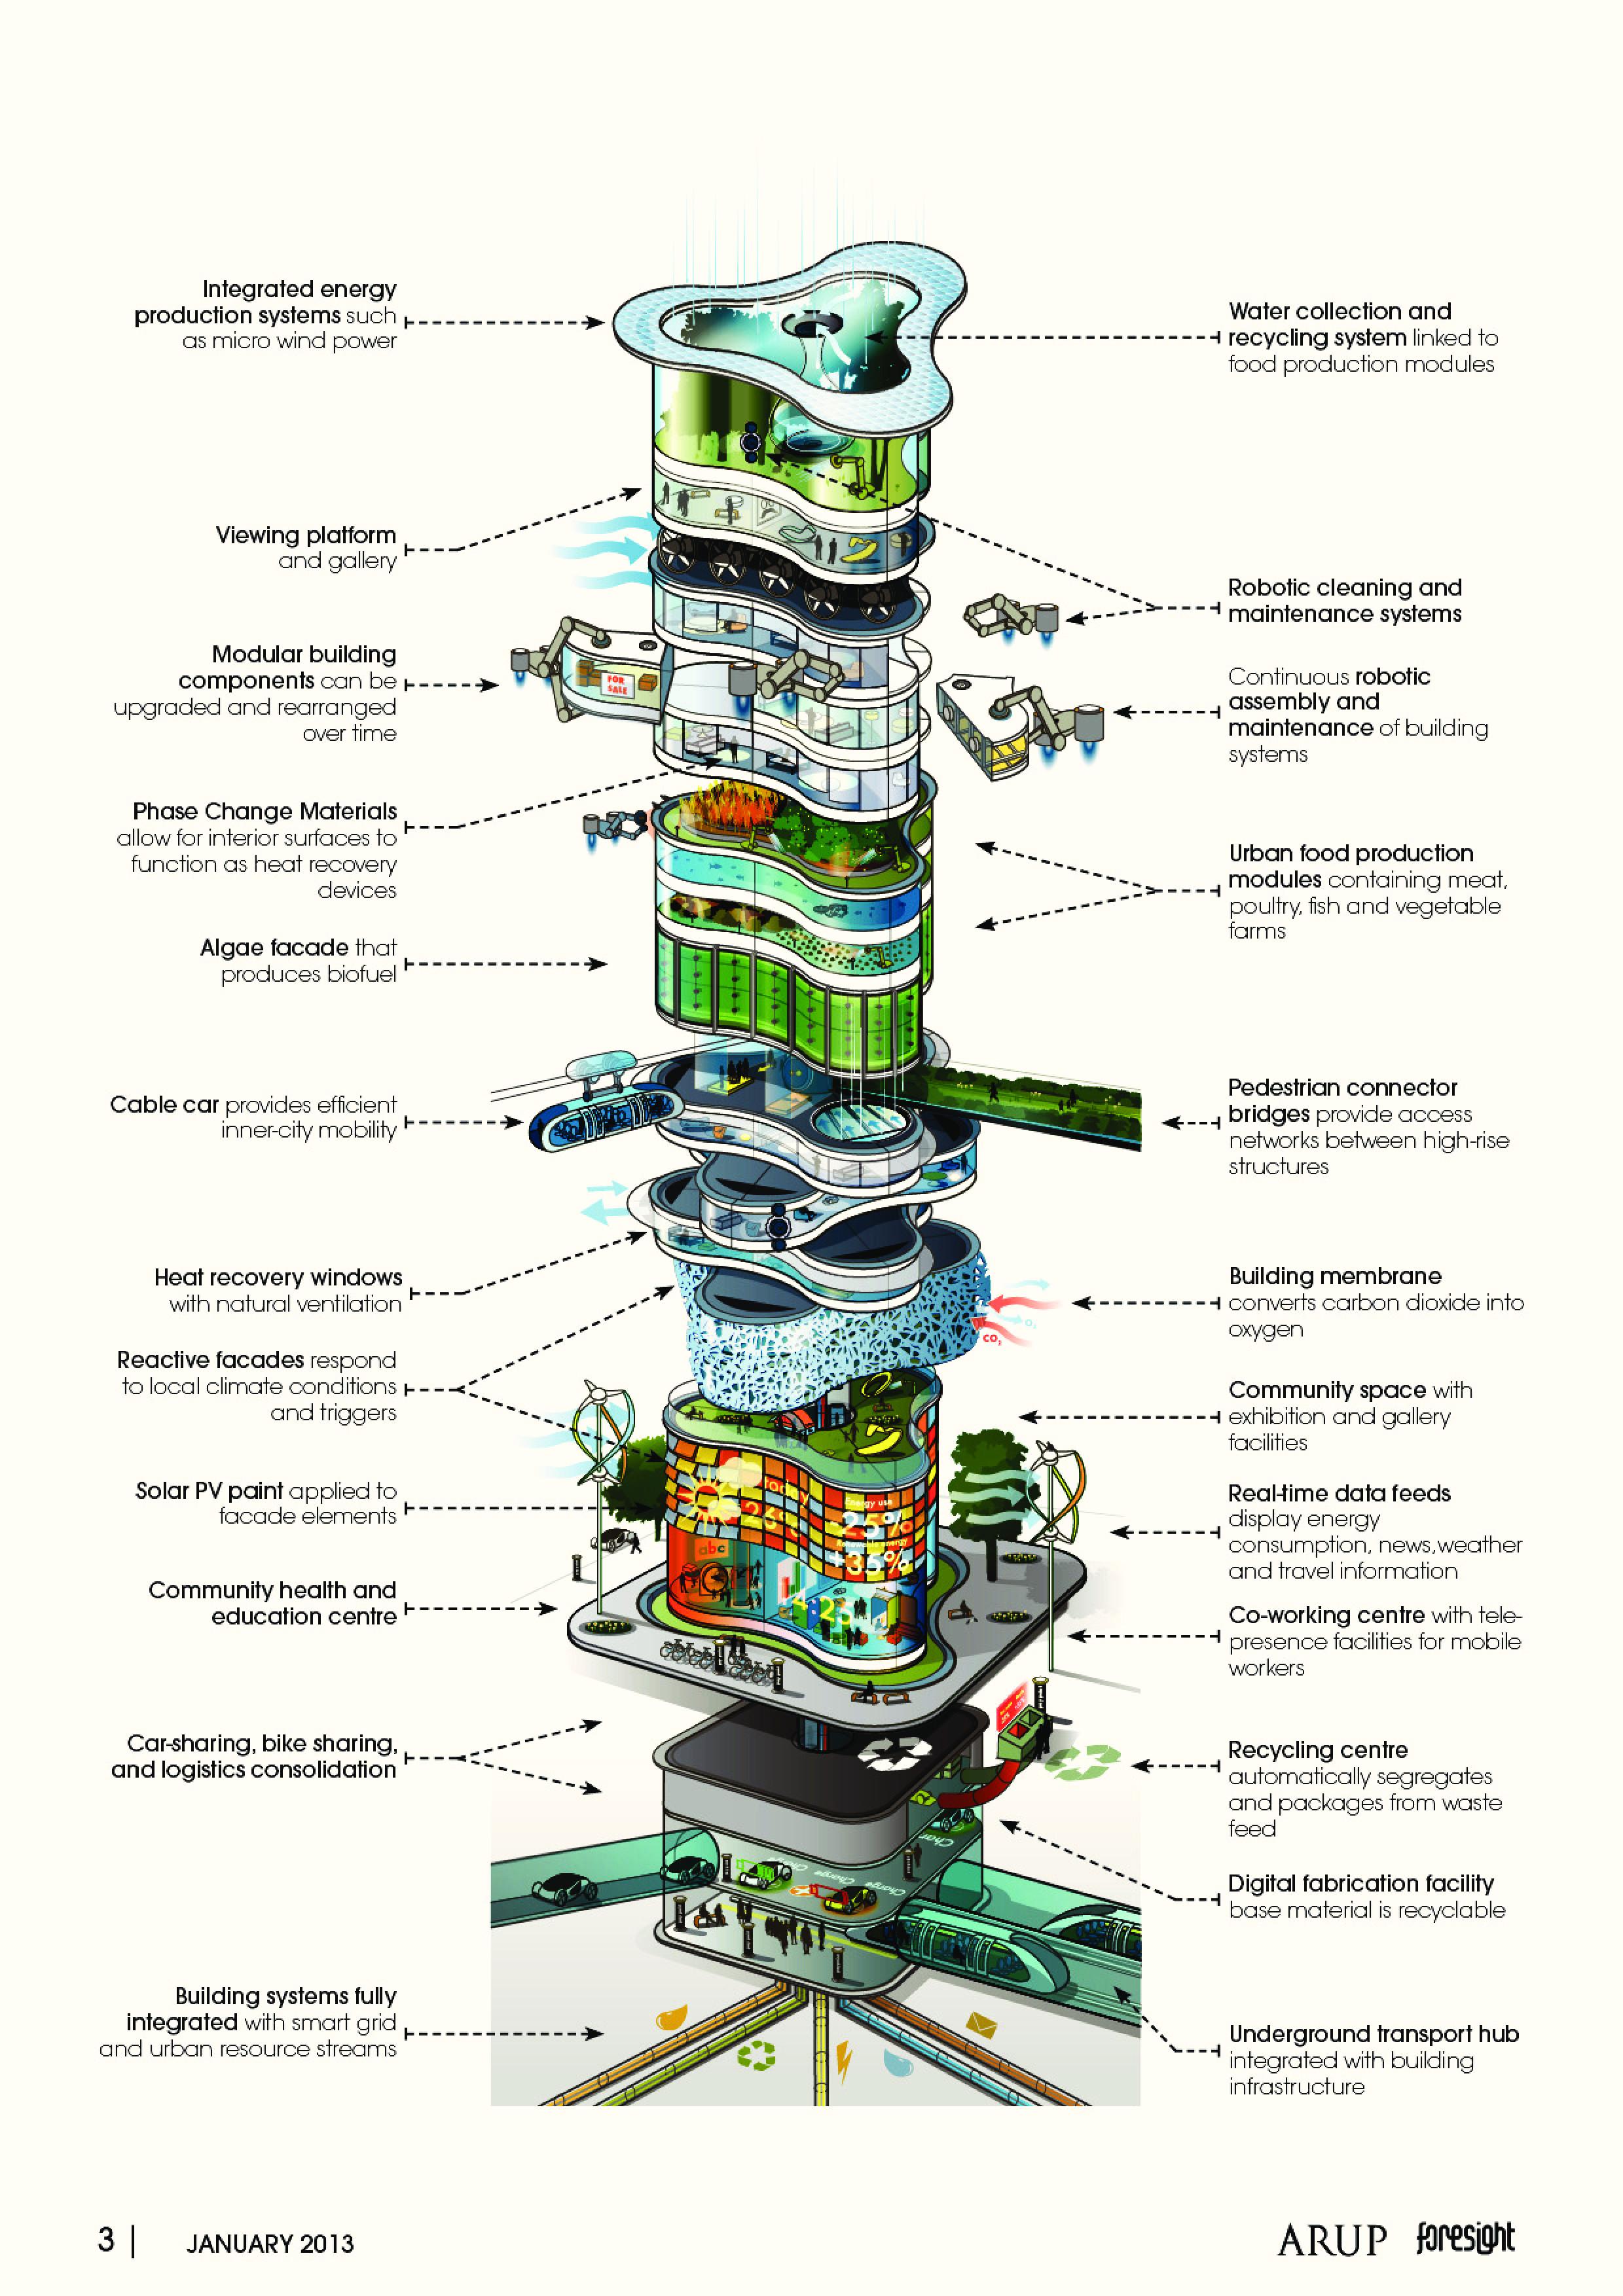 Zo ziet een huis eruit in 2050 - Tijdschriftenrek huis van de wereld ...